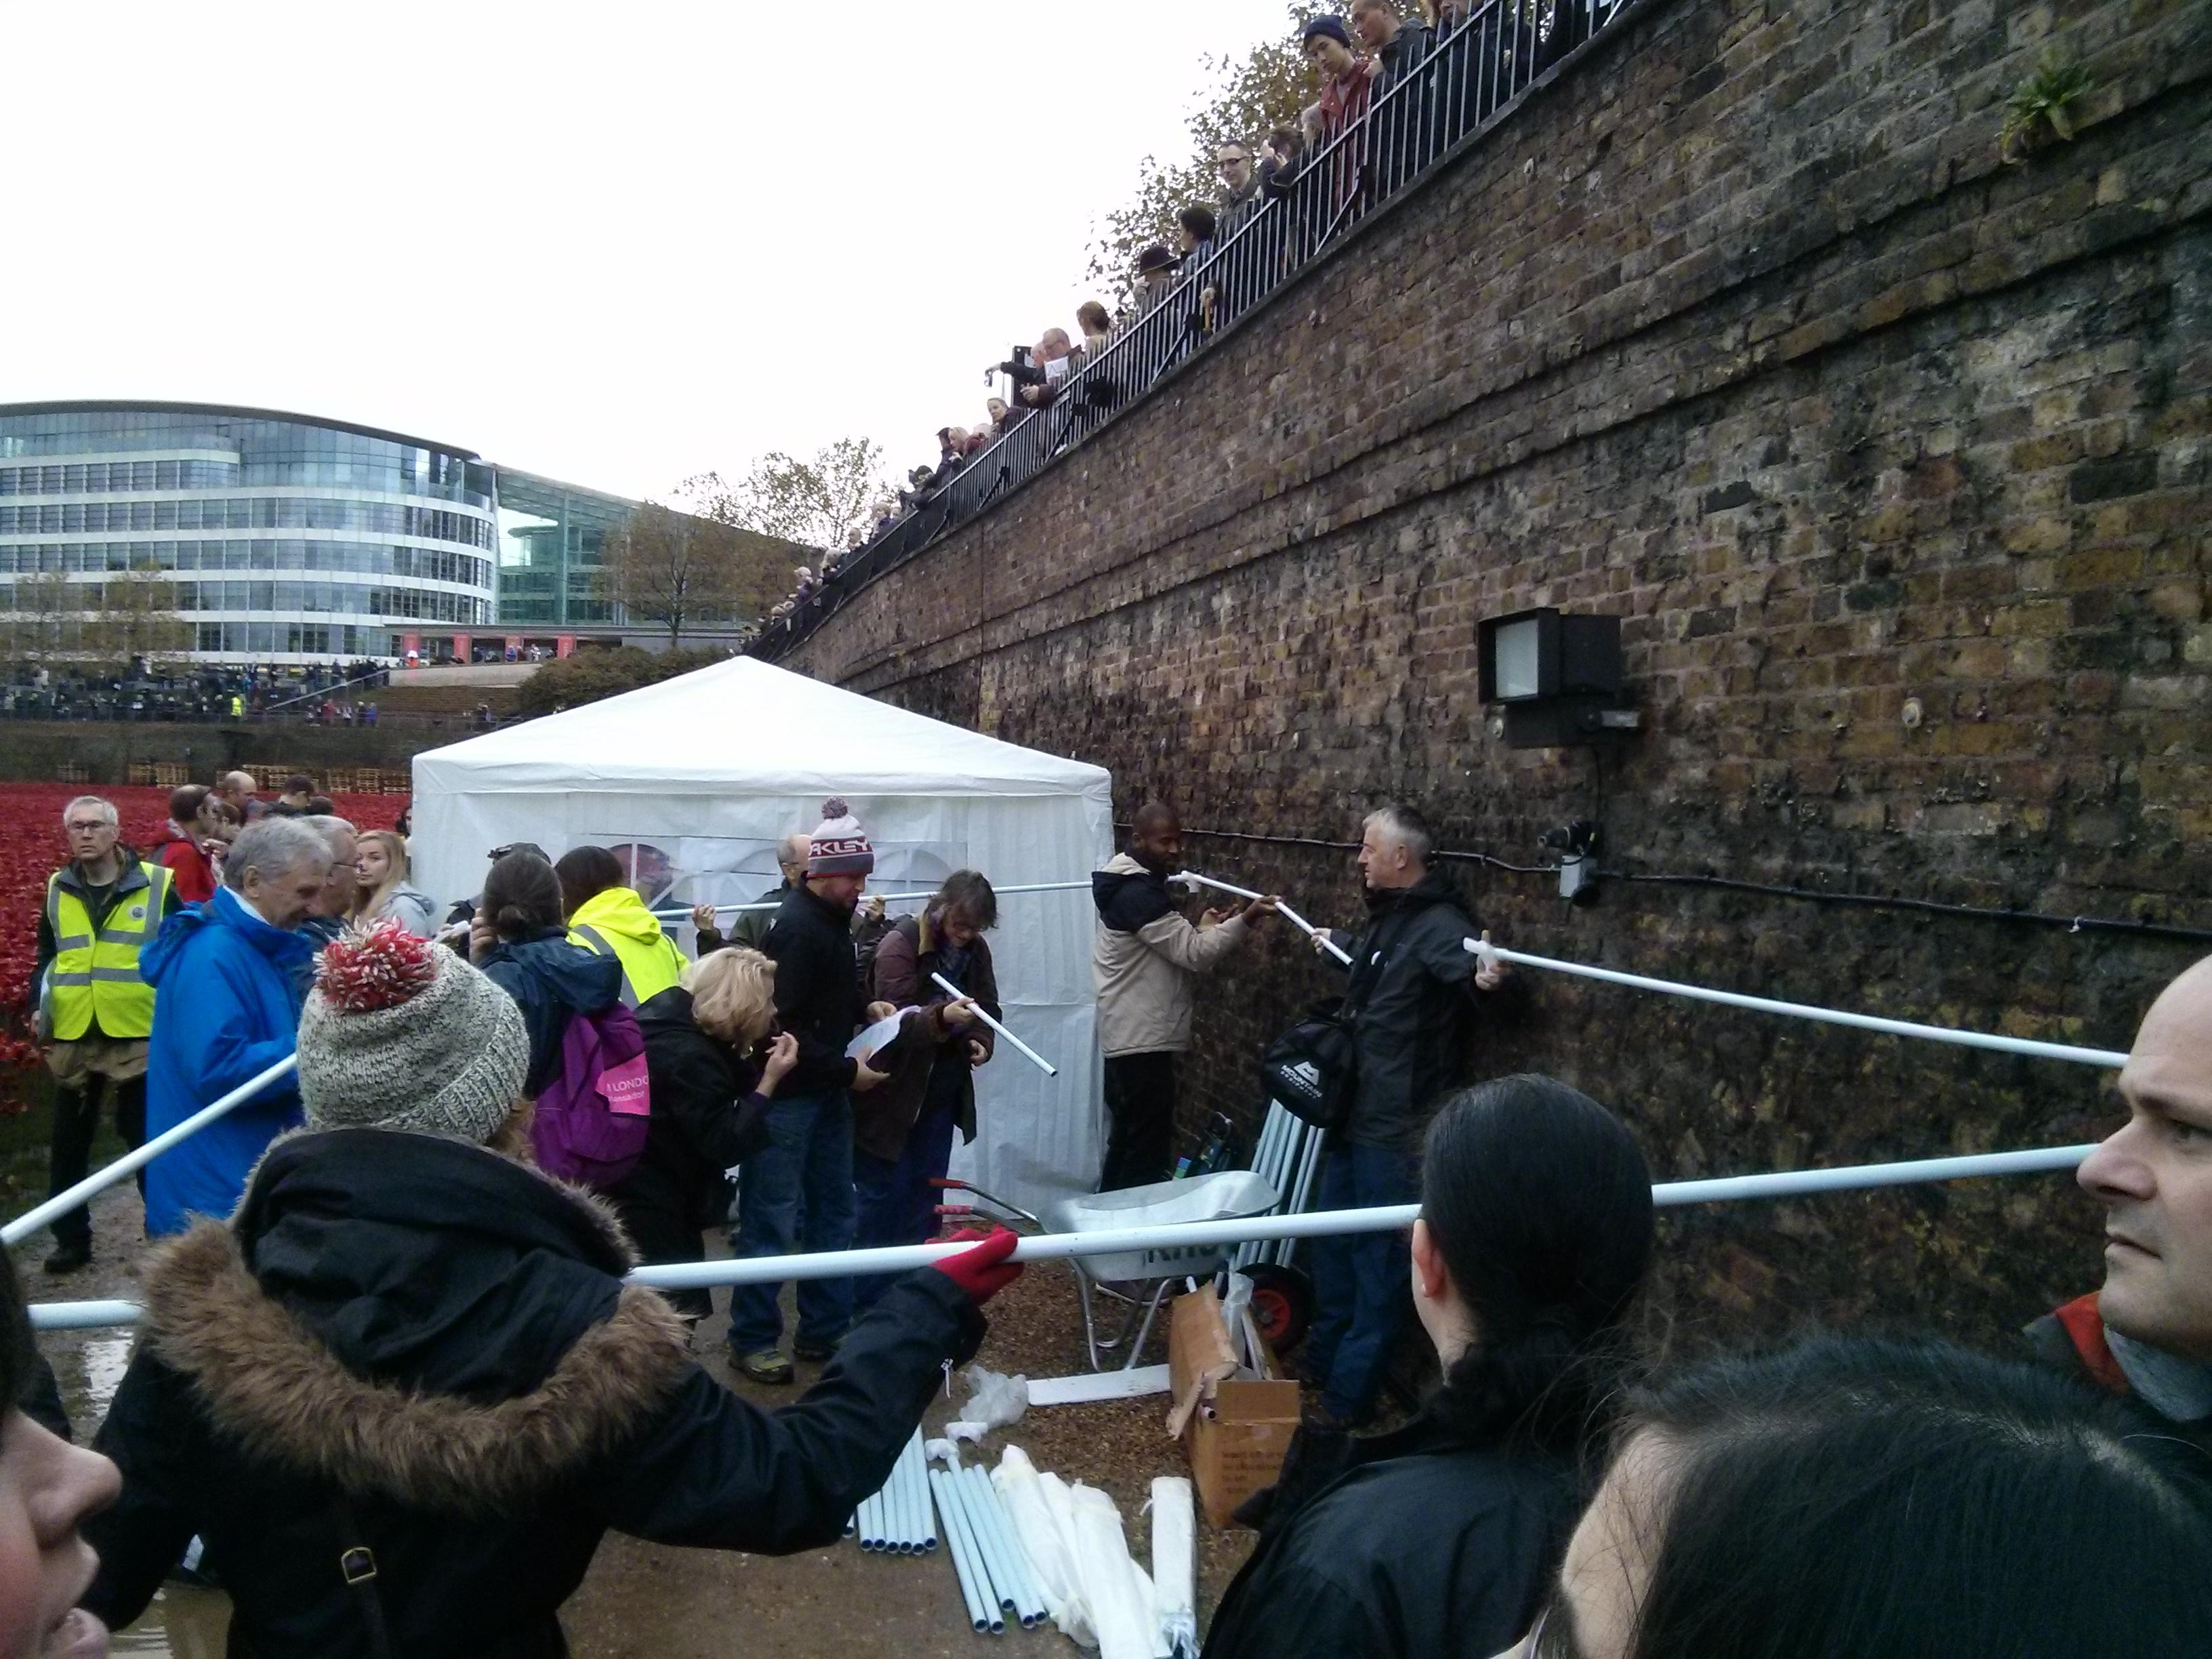 Tower poppies volunteers put up gazebo